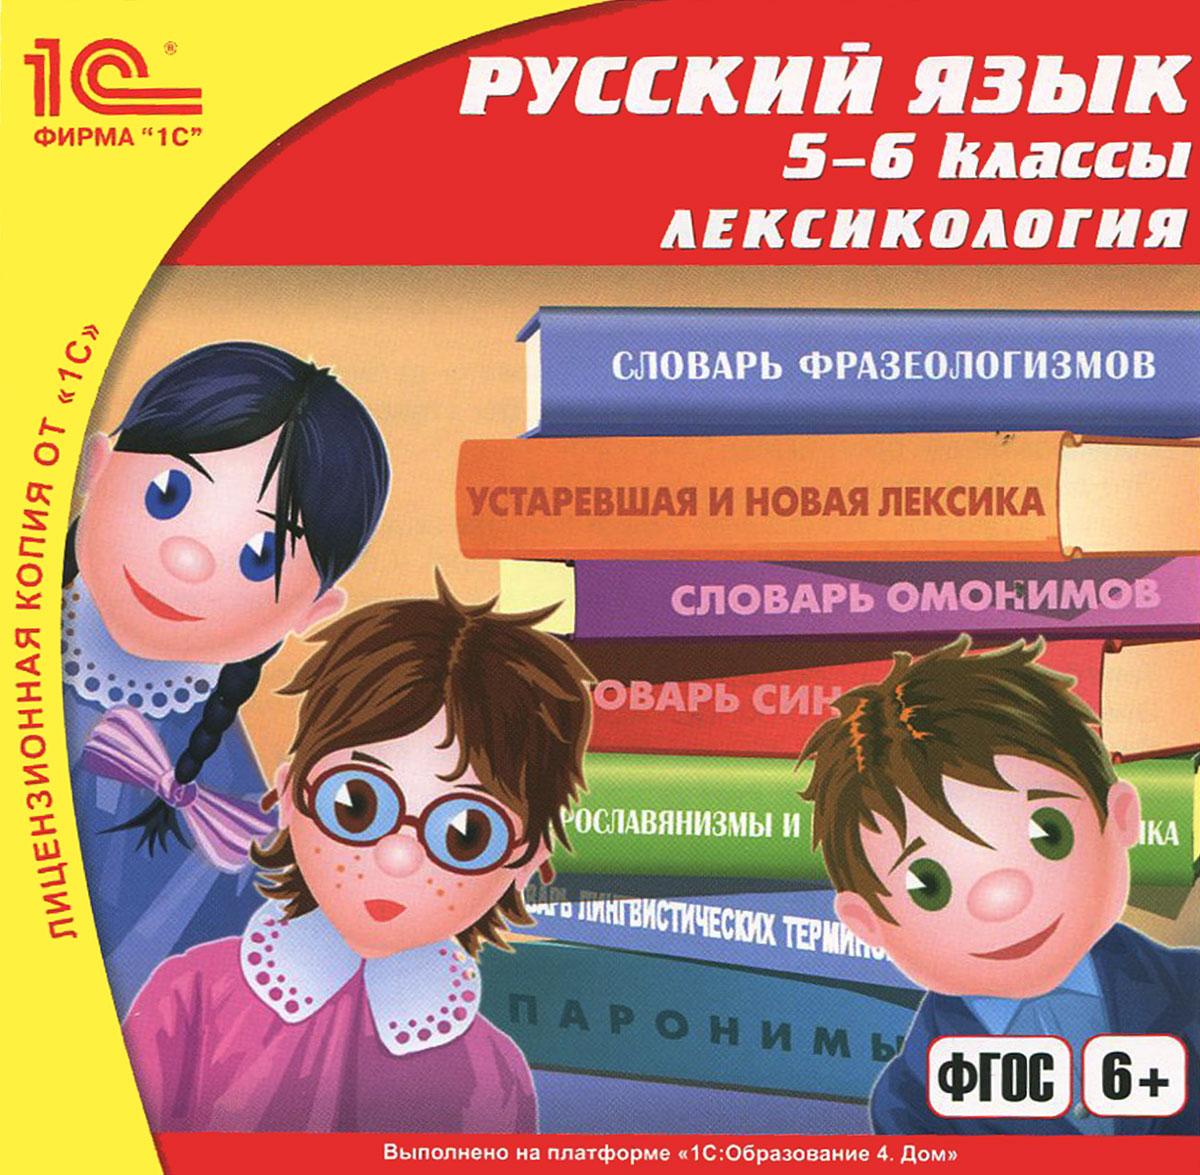 1С: Школа. Русский язык. 5-6 класс. Лексикология. Переработанное издание русский язык 5 класс комплект интерактивных тестов